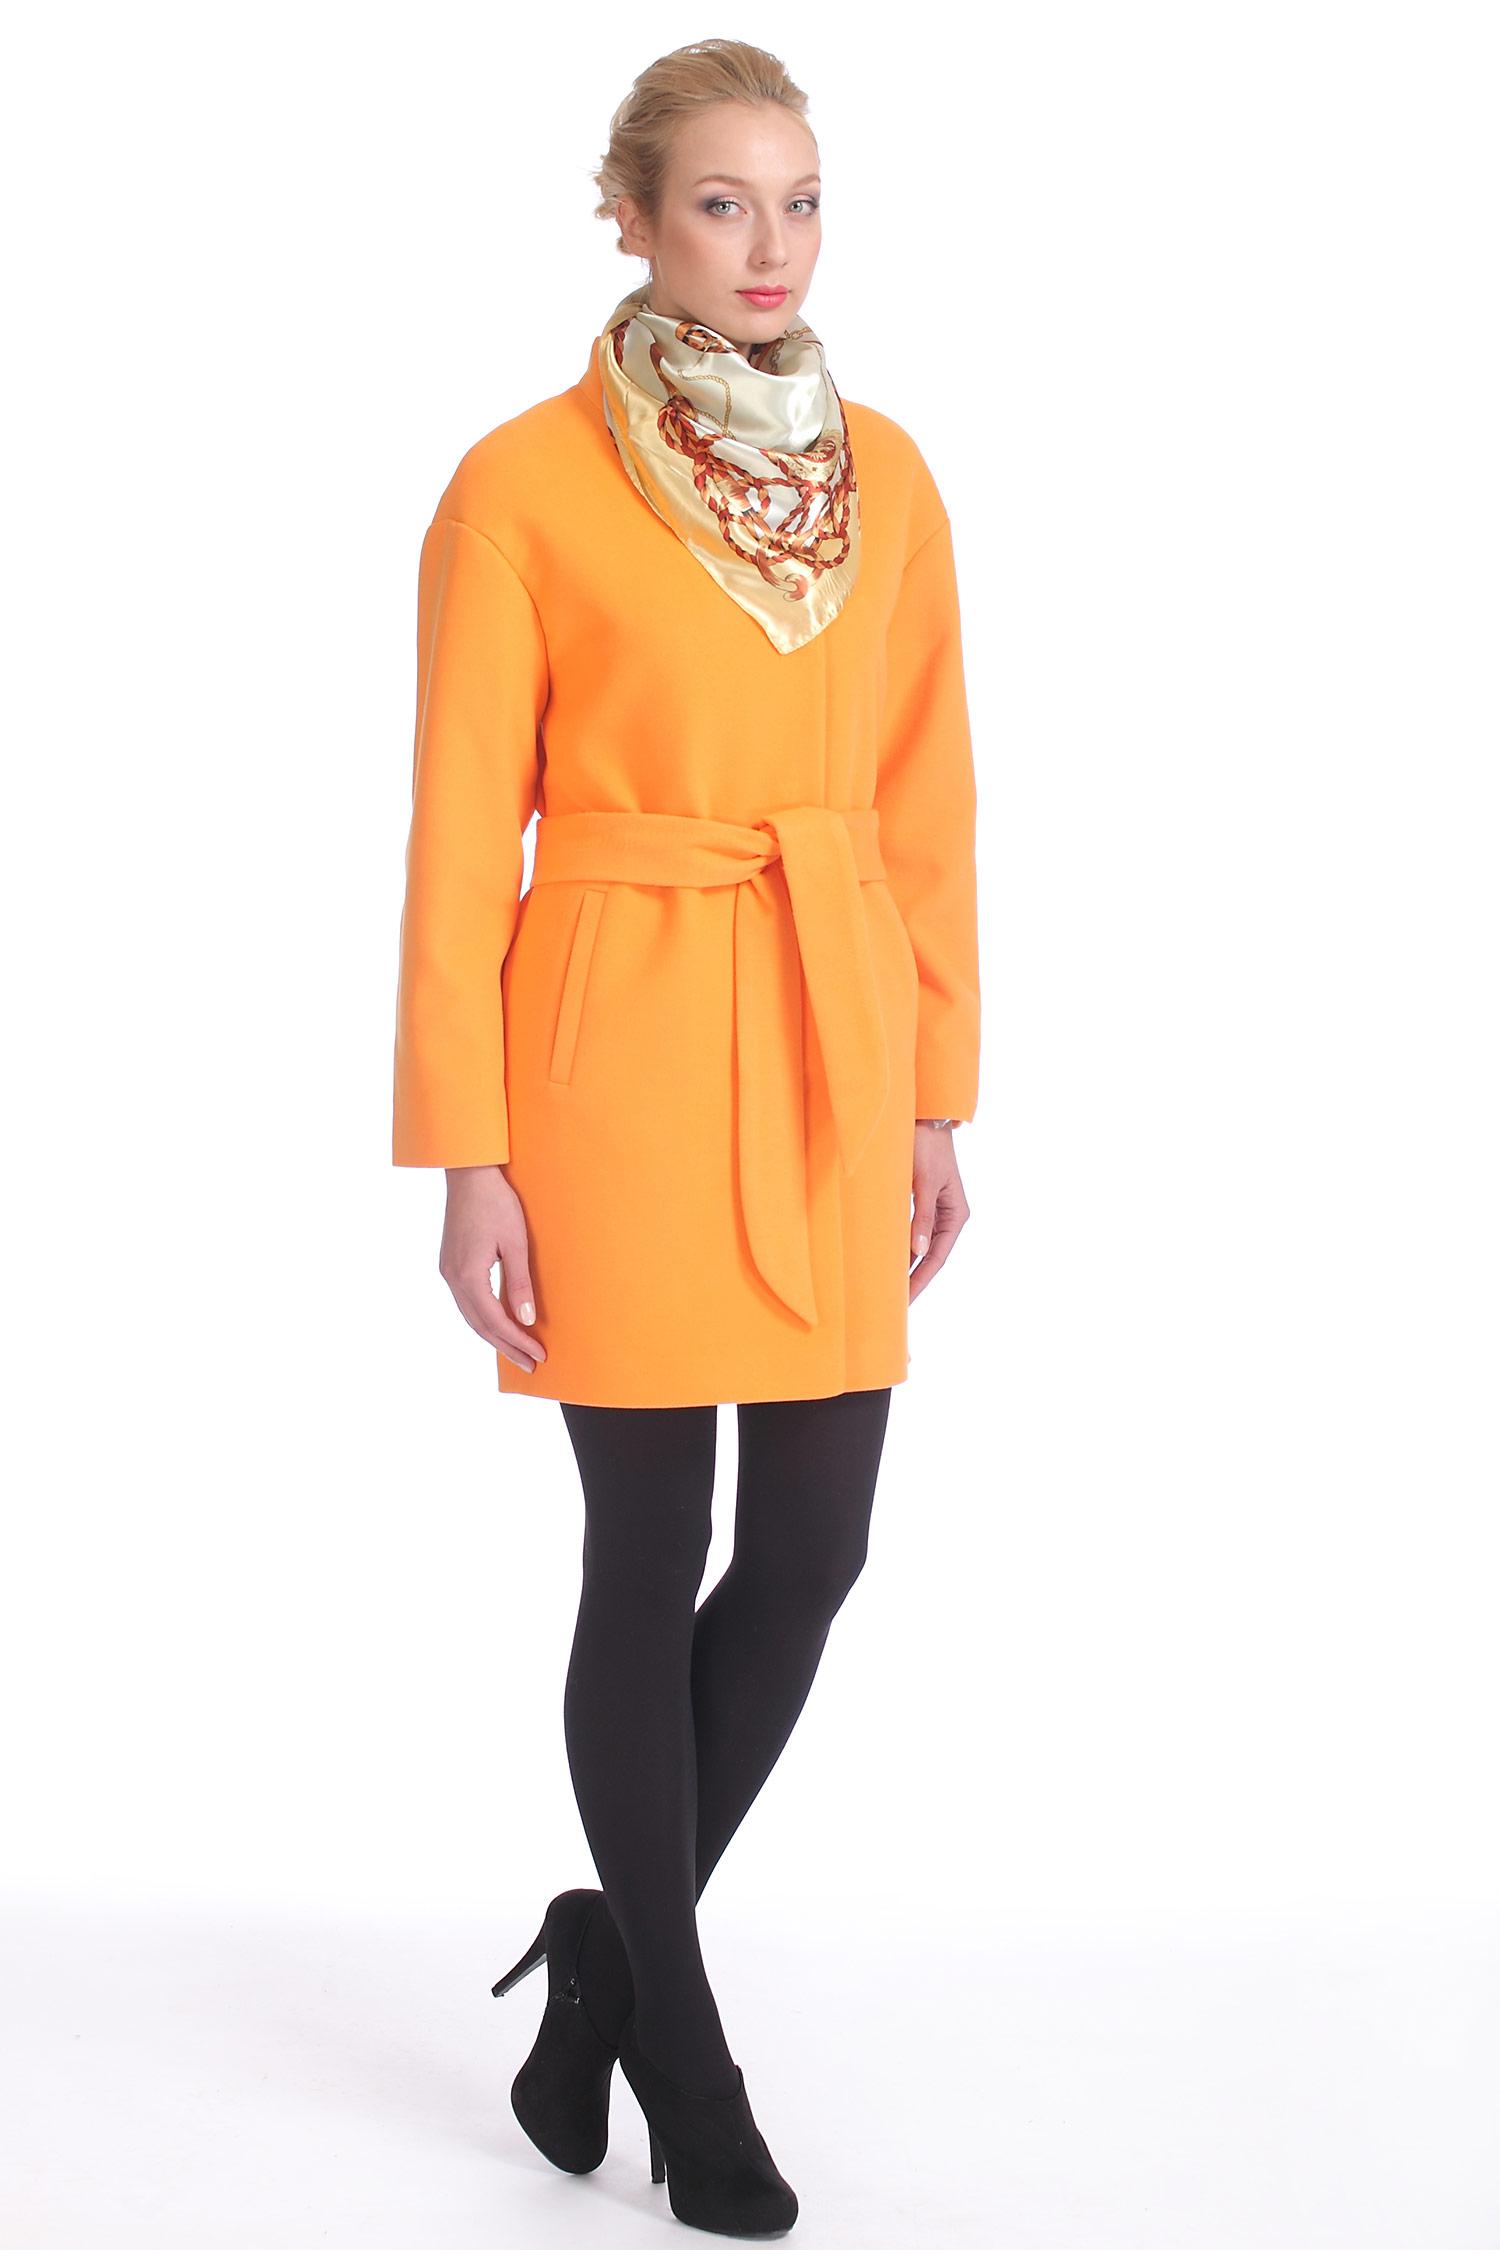 Фото 3 - Женское пальто из текстиля с воротником от МОСМЕХА оранжевого цвета